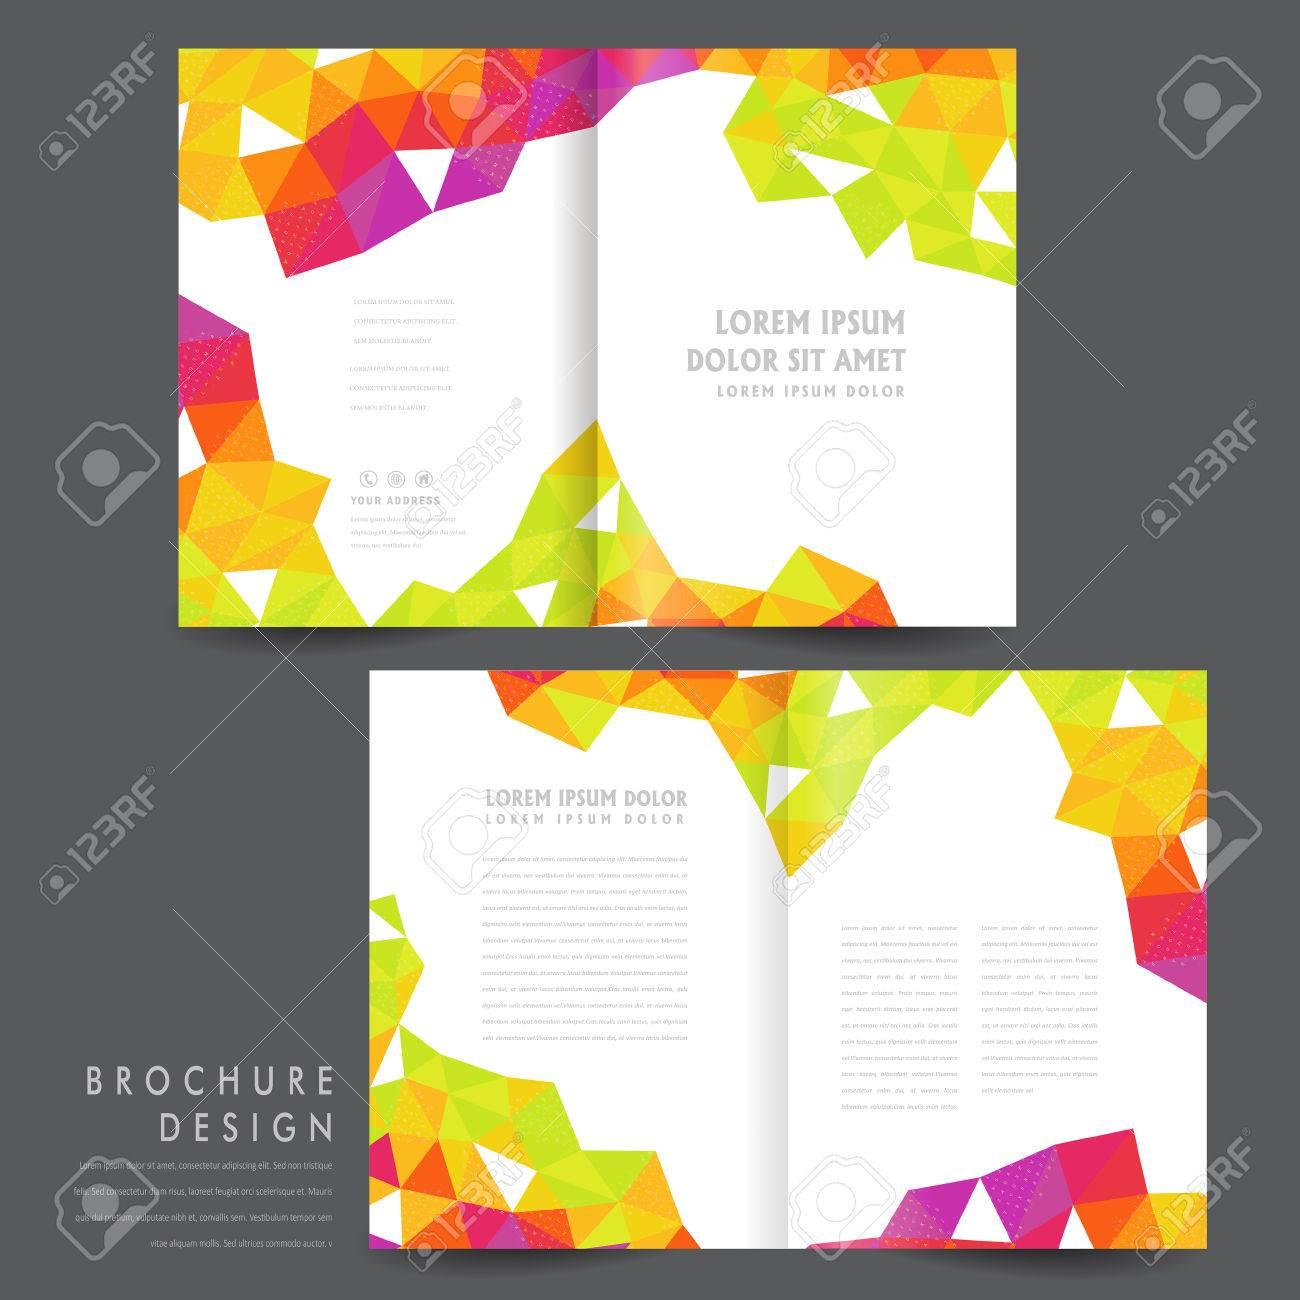 Attractive Halffold Brochure Template Design With Colorful - Half fold brochure template free